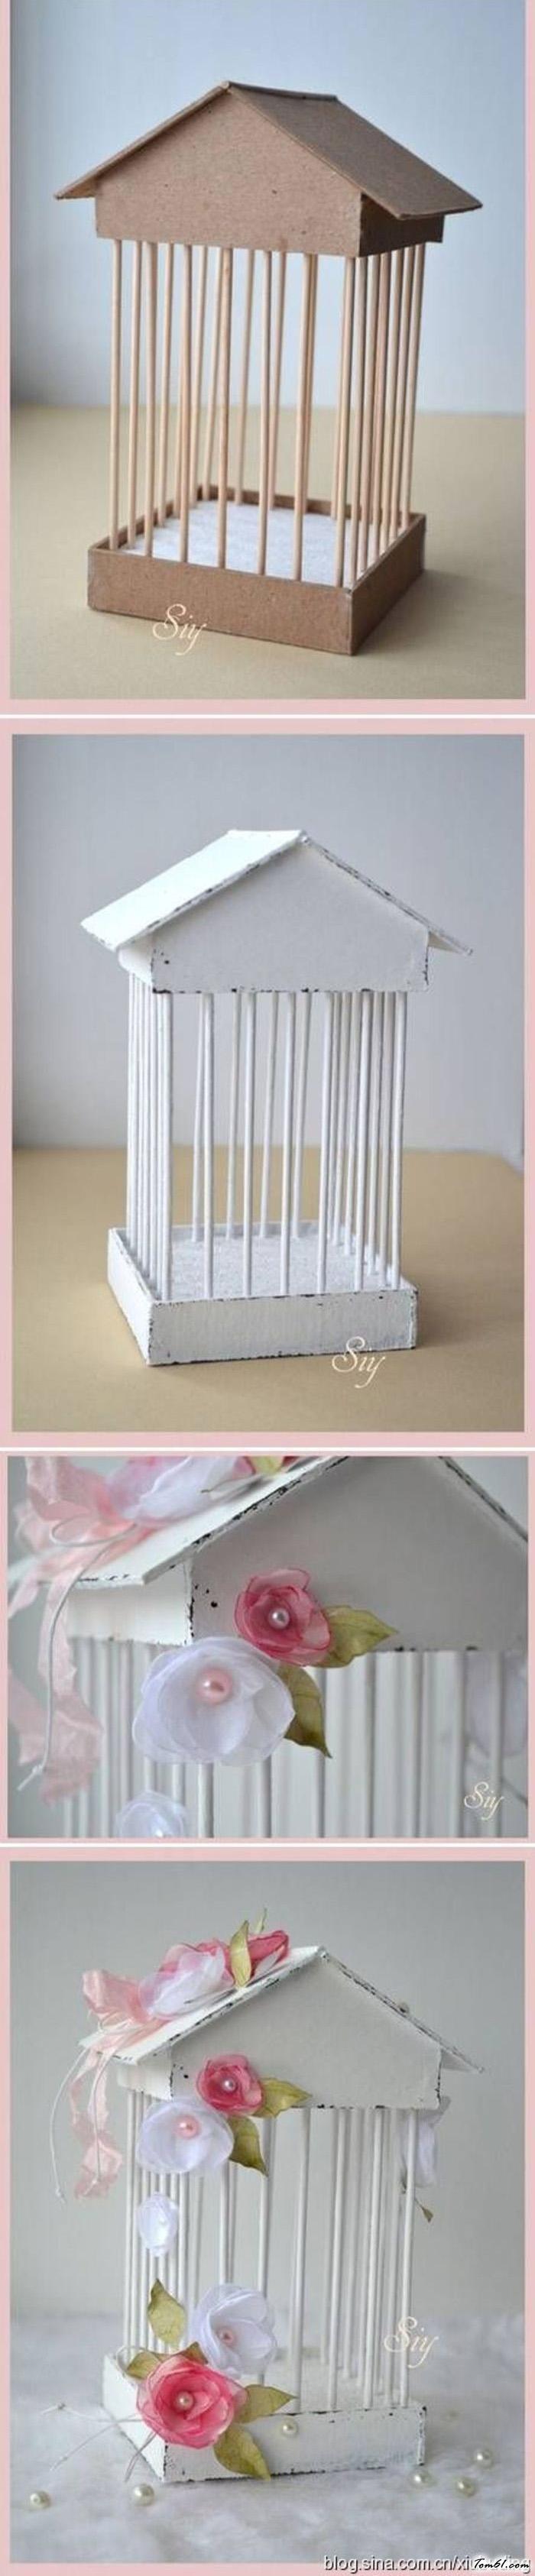 泡沫硬纸板的废物利用的创意制作图解教程